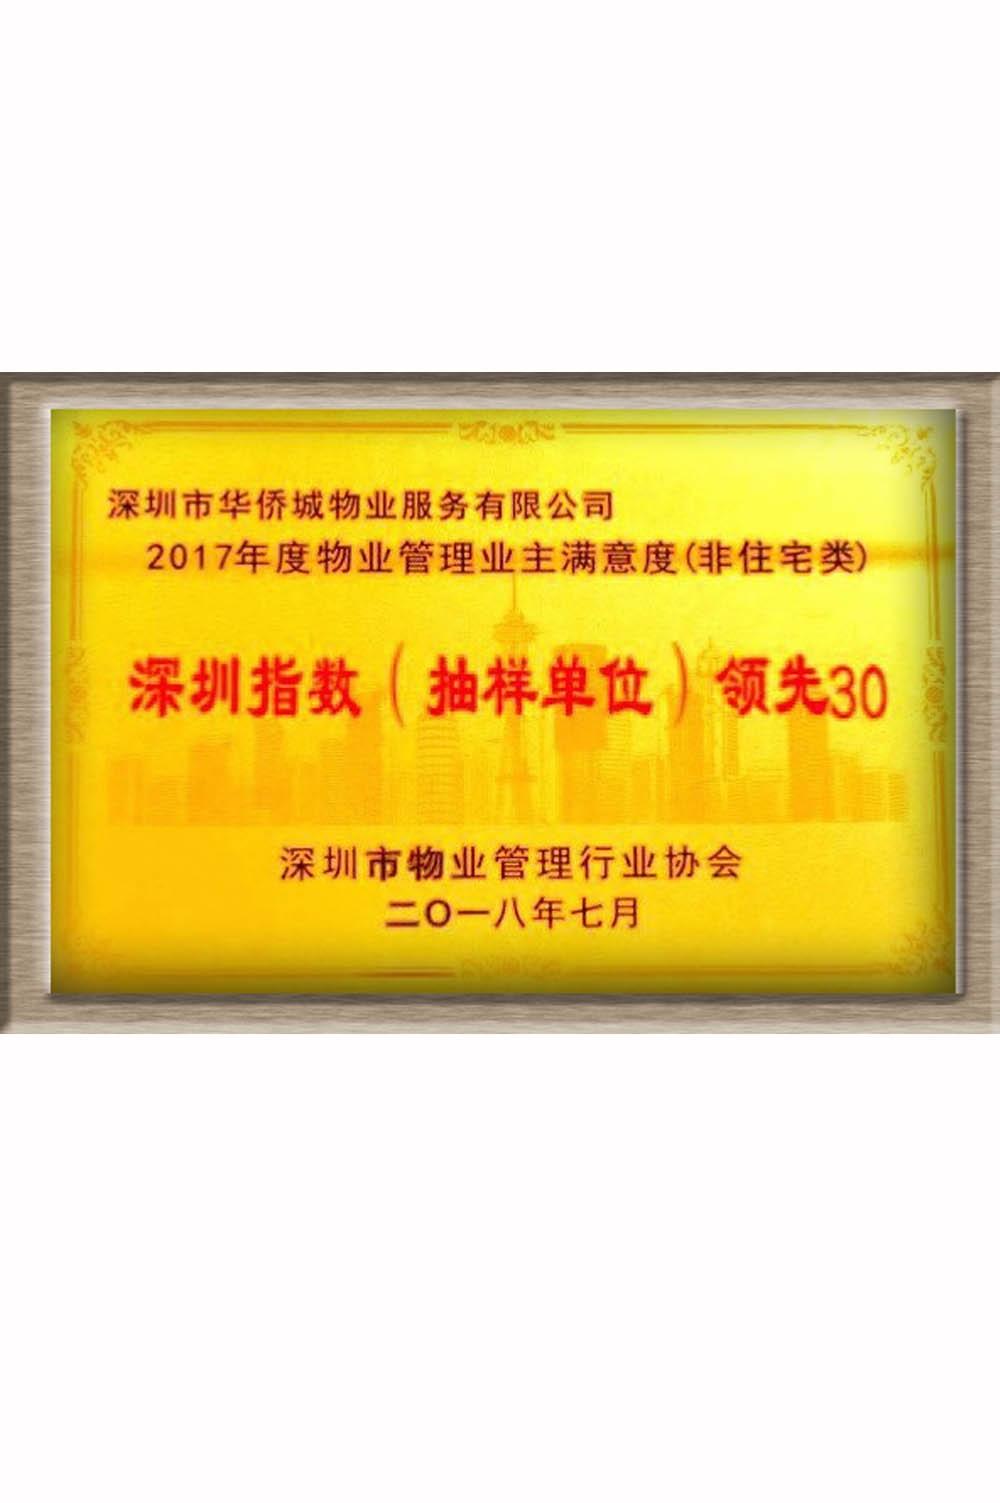 物业公司:2017年物业管理业主满意度(非住宅类)深圳指数(抽样单位)领先30